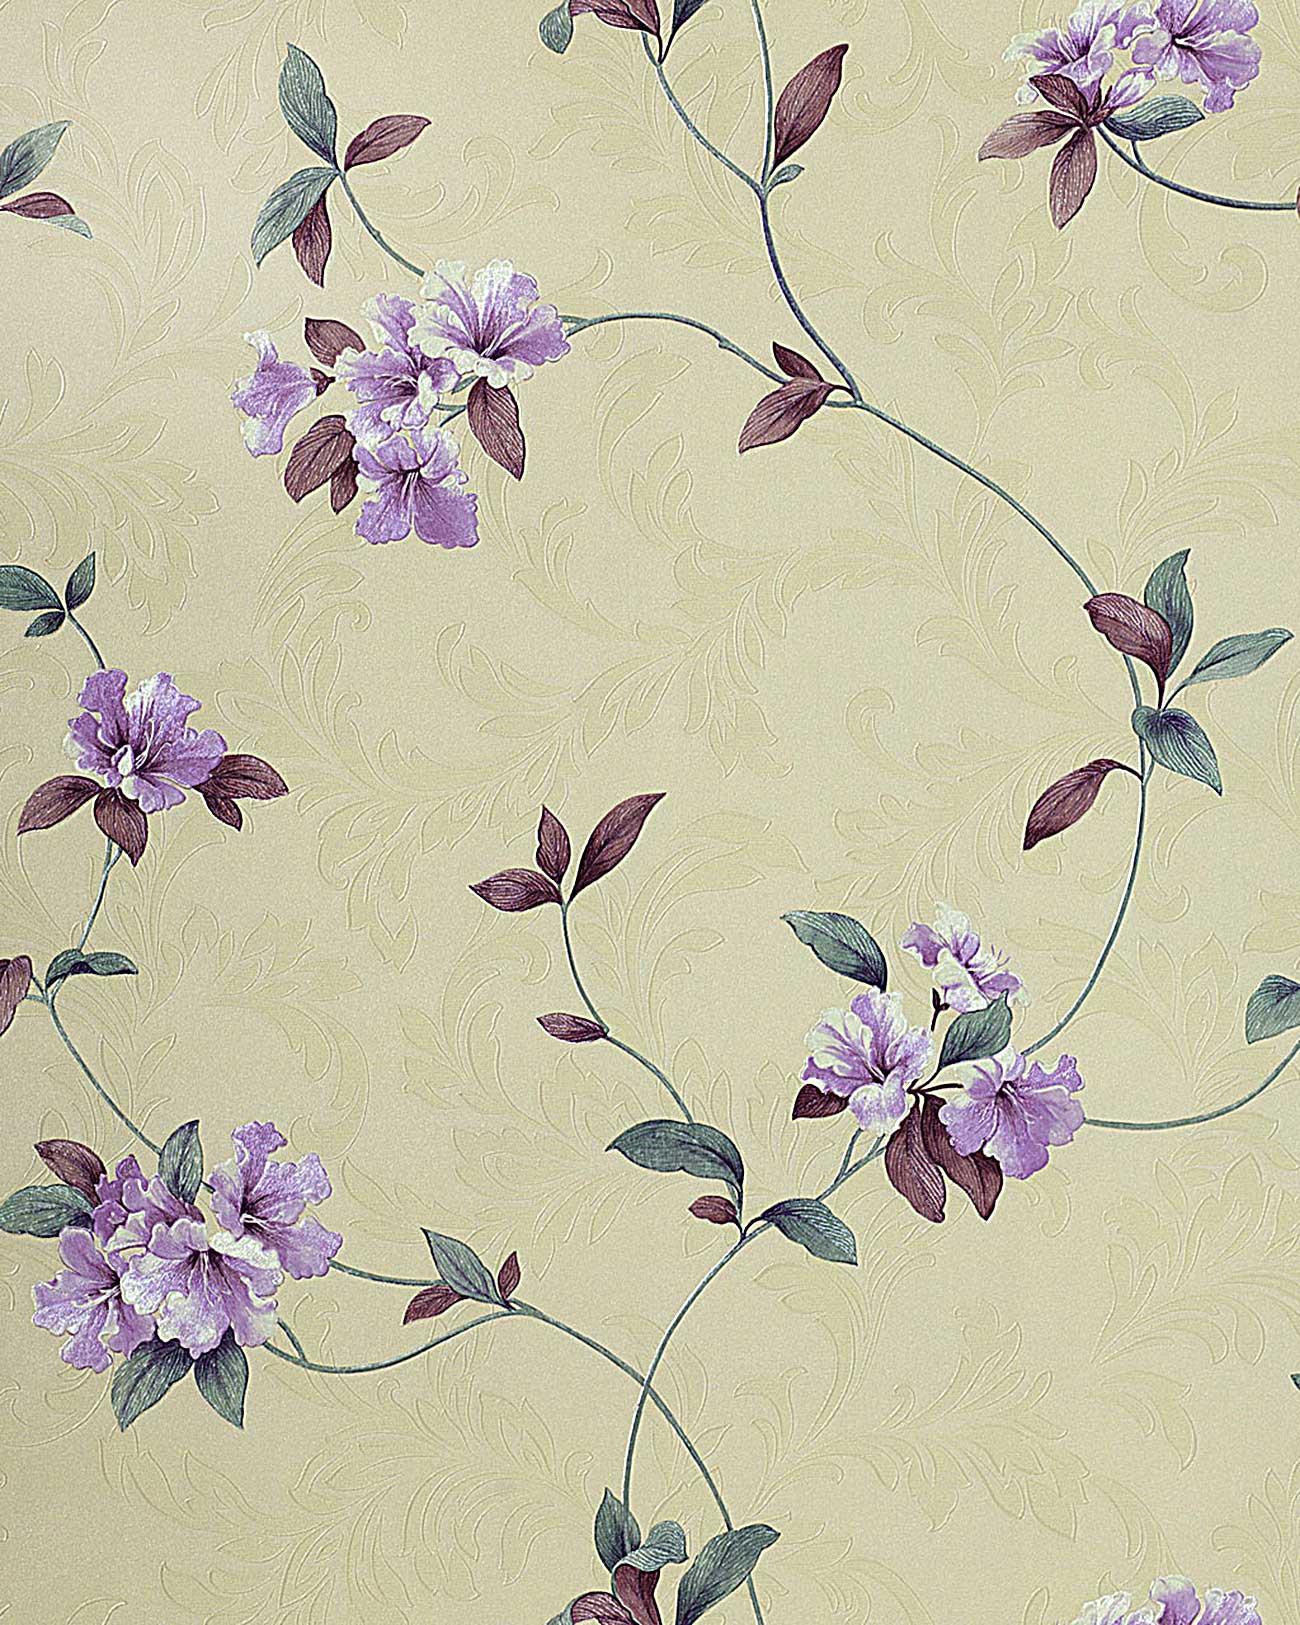 Papel pintado de alta calidad dise o floral con relieve - Papel pintado morado ...